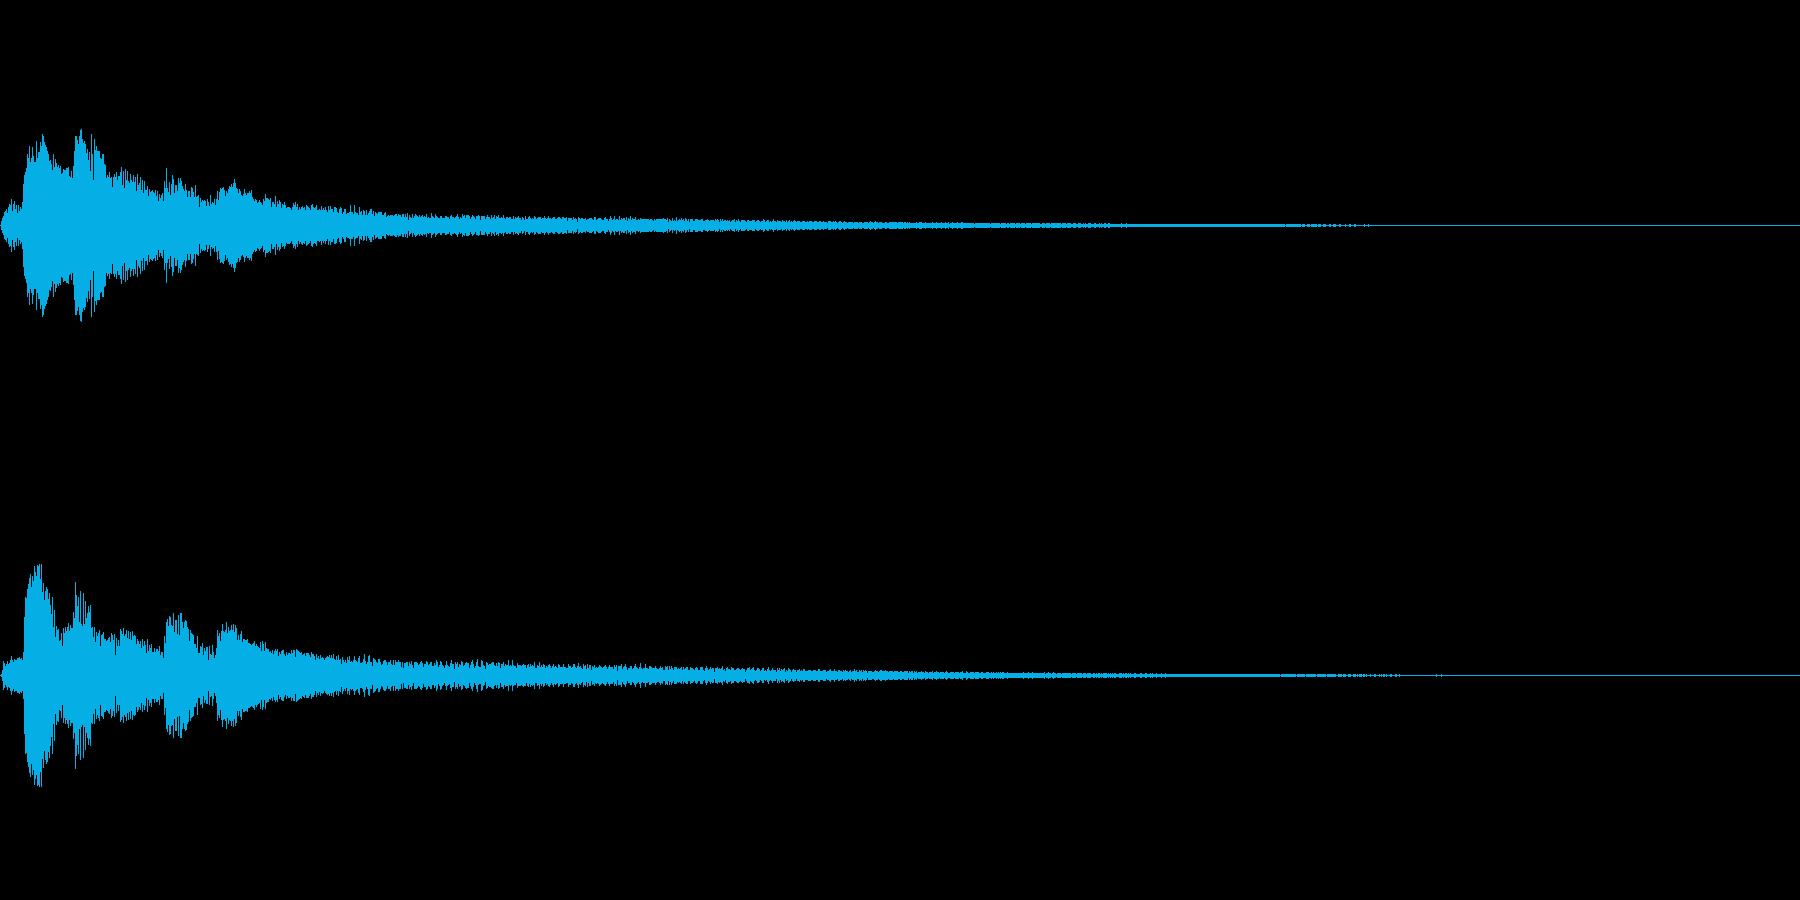 風のイメージジングル/ピアノソロの再生済みの波形